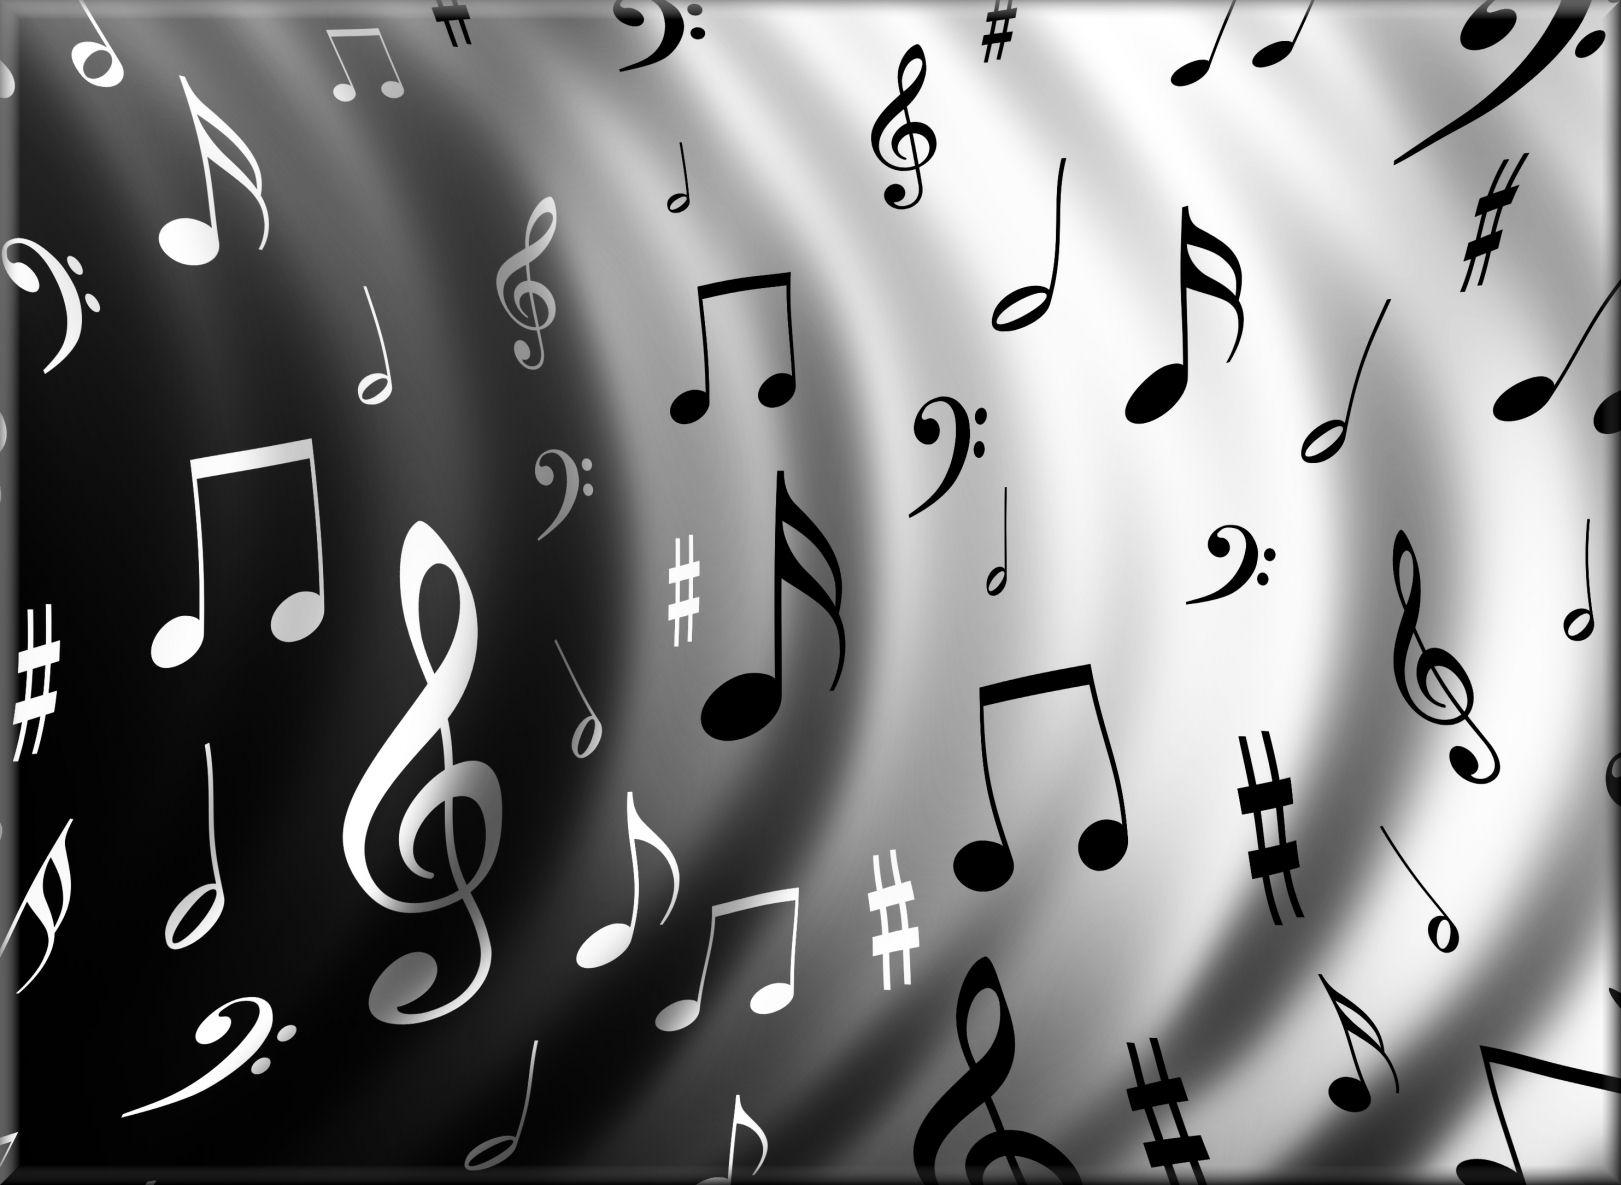 آهنگ زیبای ترکی آذری بایاز گئجه لر (Bayaz Gejalar)